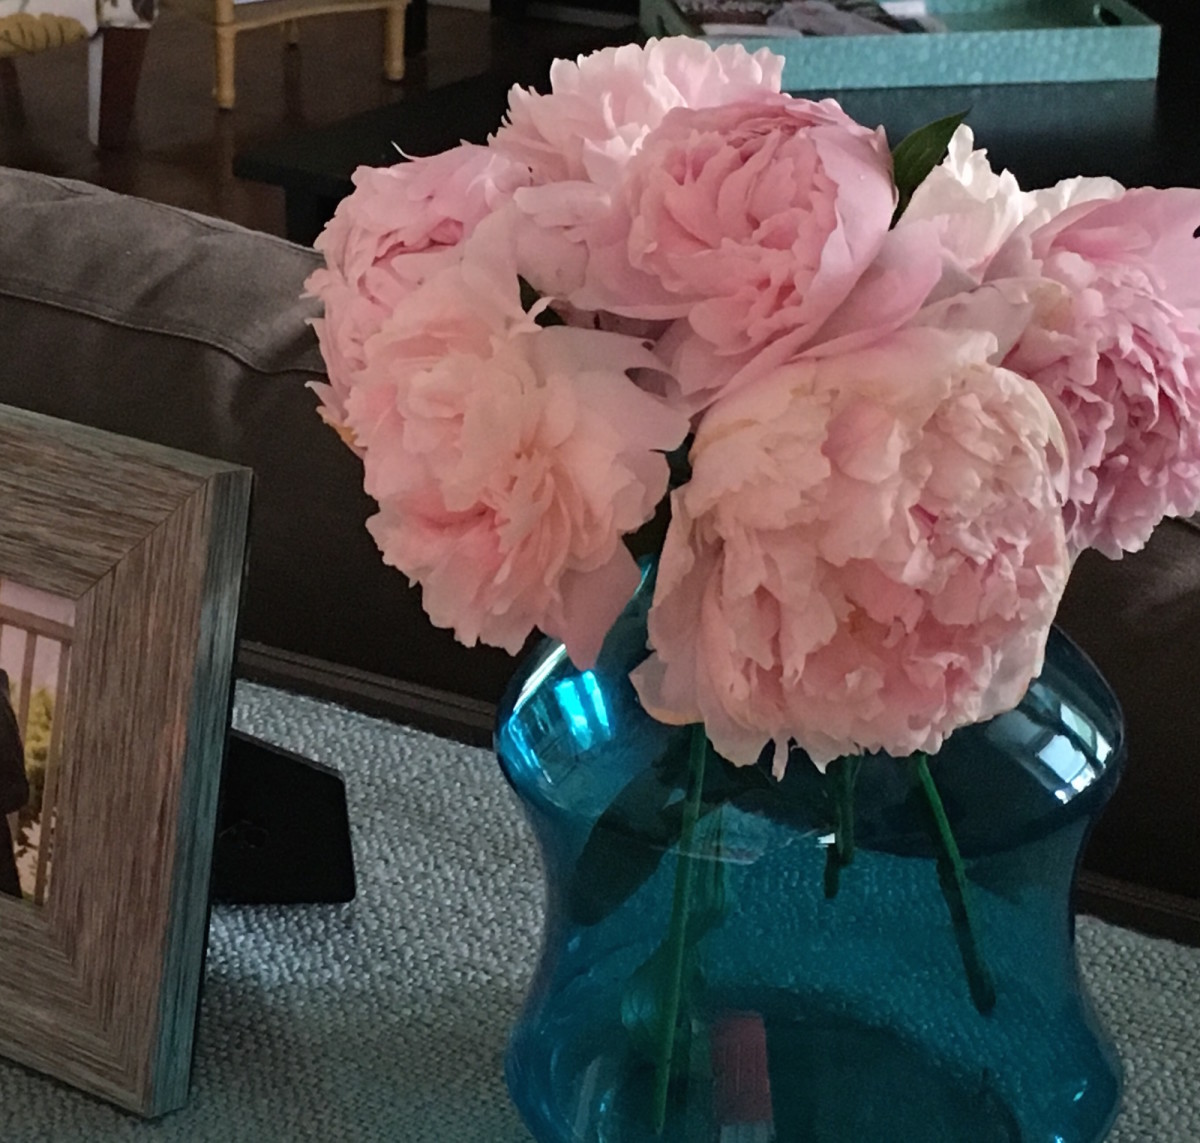 3 ways to use garden flowers, garden flowers, flowers, garden, moms garden, pruning, peonies, flowers, flowers indoors, floral arranging, floral arrangements